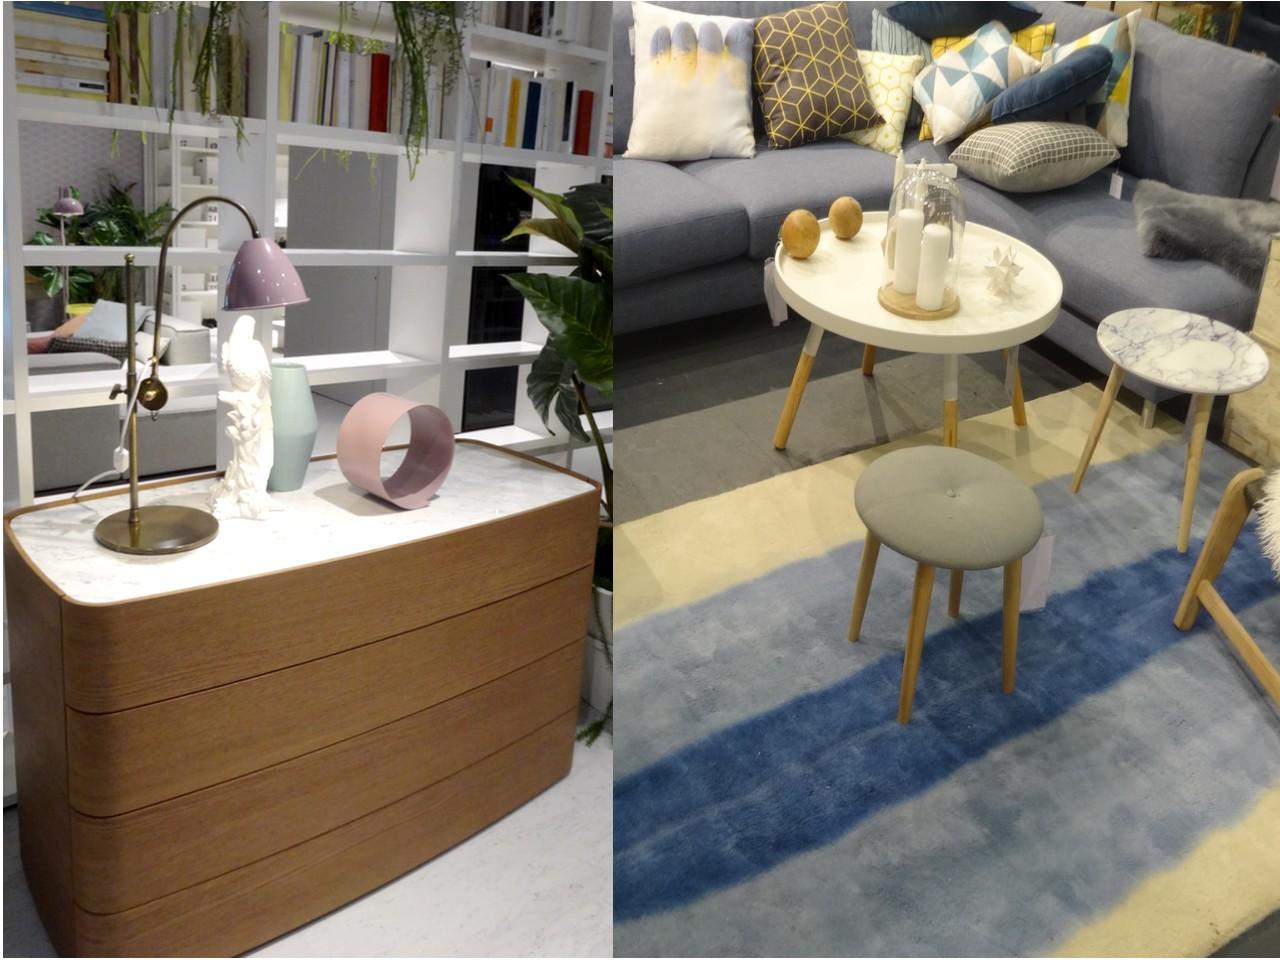 Nuevas tendencias en decoracion de interiores elegant - Nuevas tendencias en decoracion de interiores ...